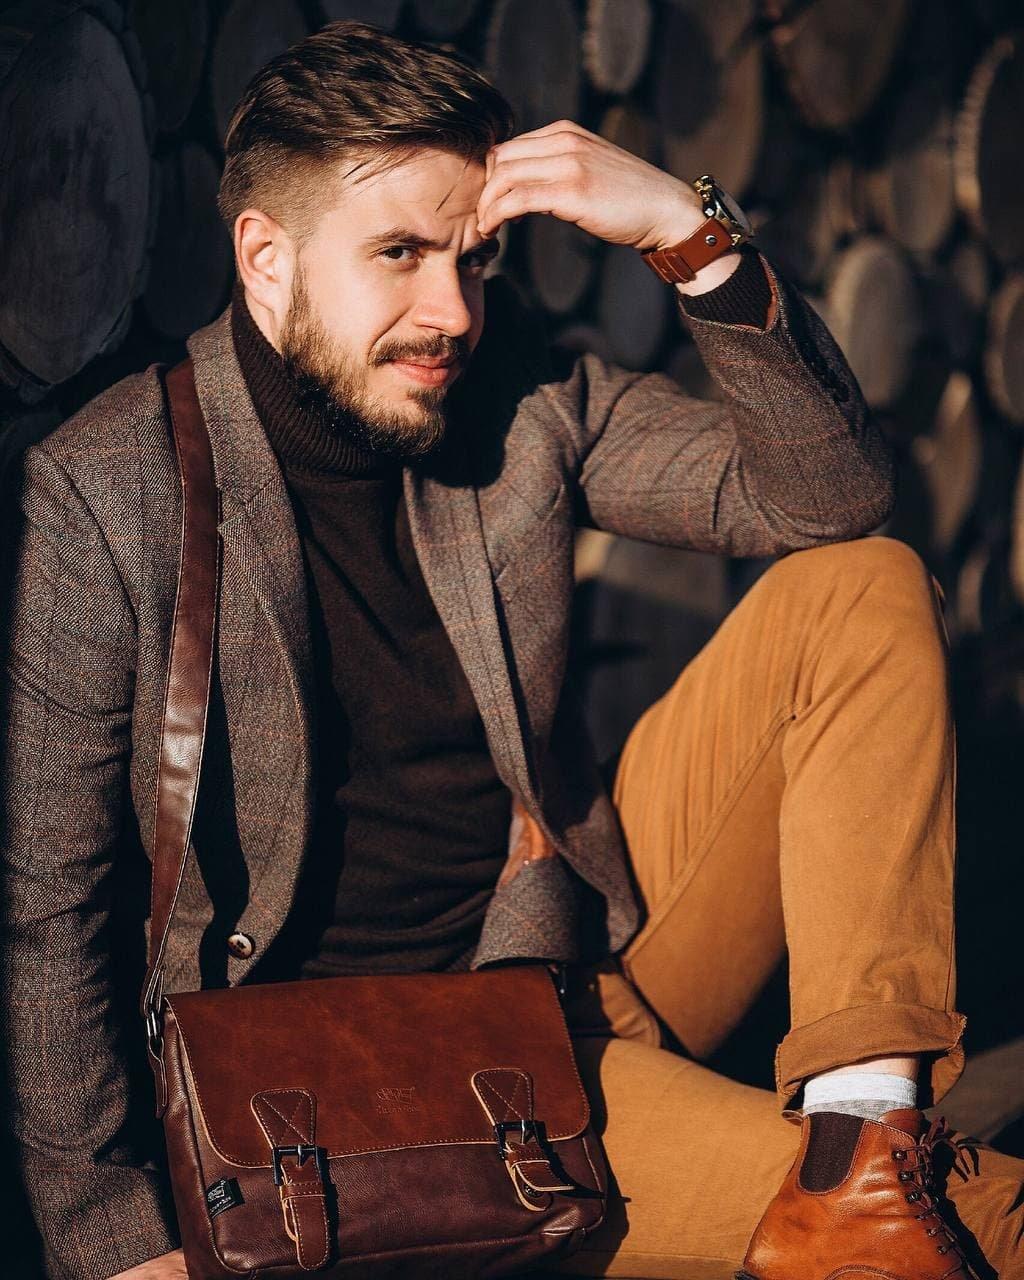 """Fashion&Profession: кто смог найти свой стиль в  ТРК """"Солнечная галерея""""  , фото-92"""